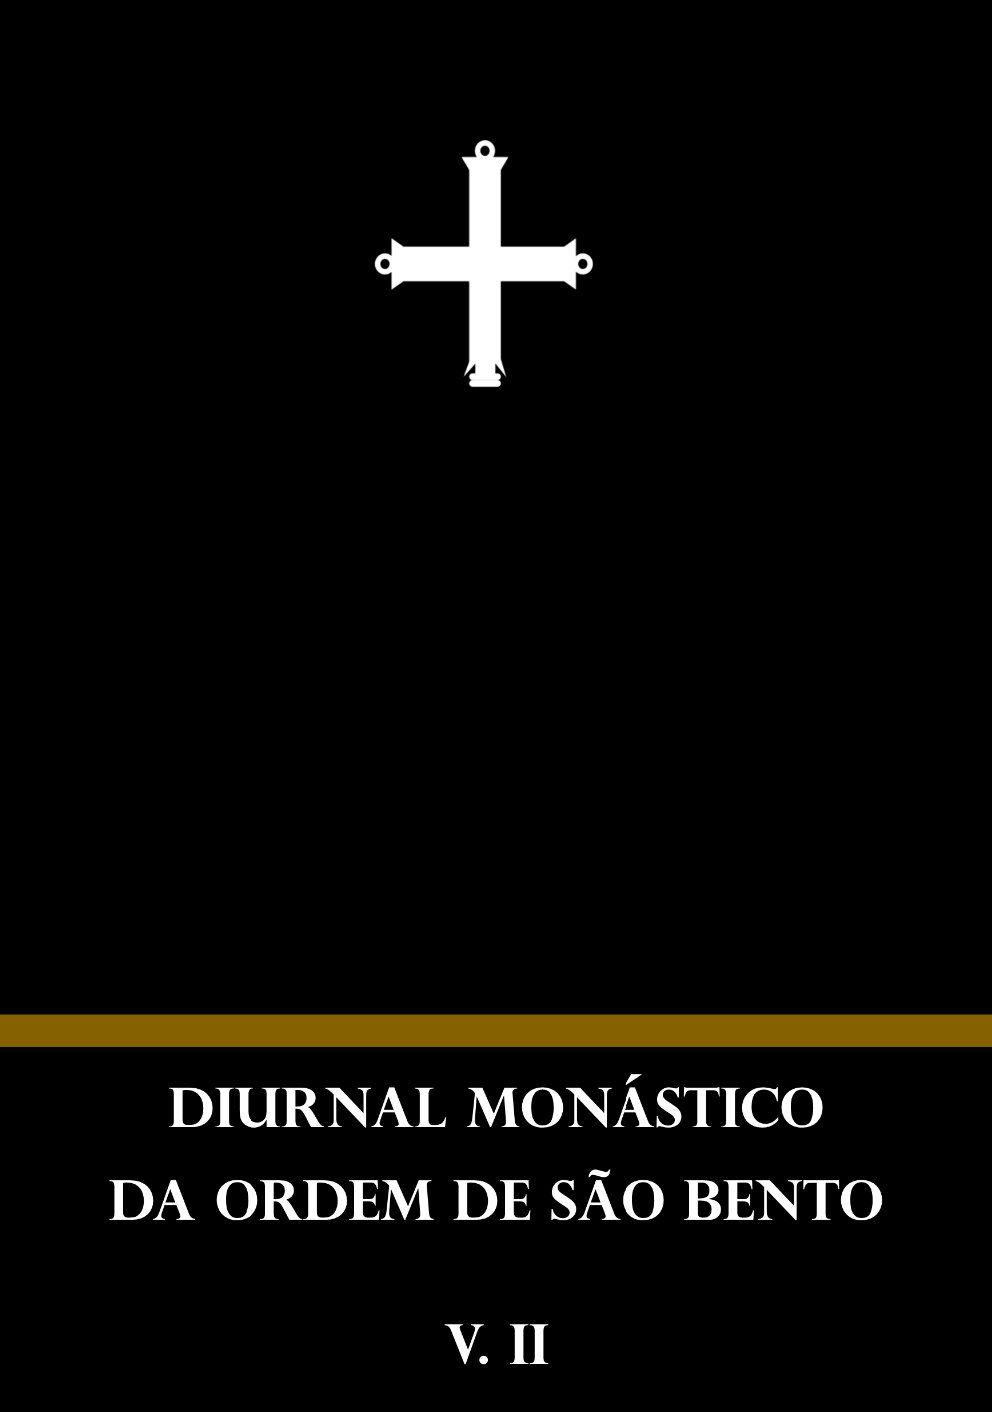 Diurnal Monástico Beneditino - V. II